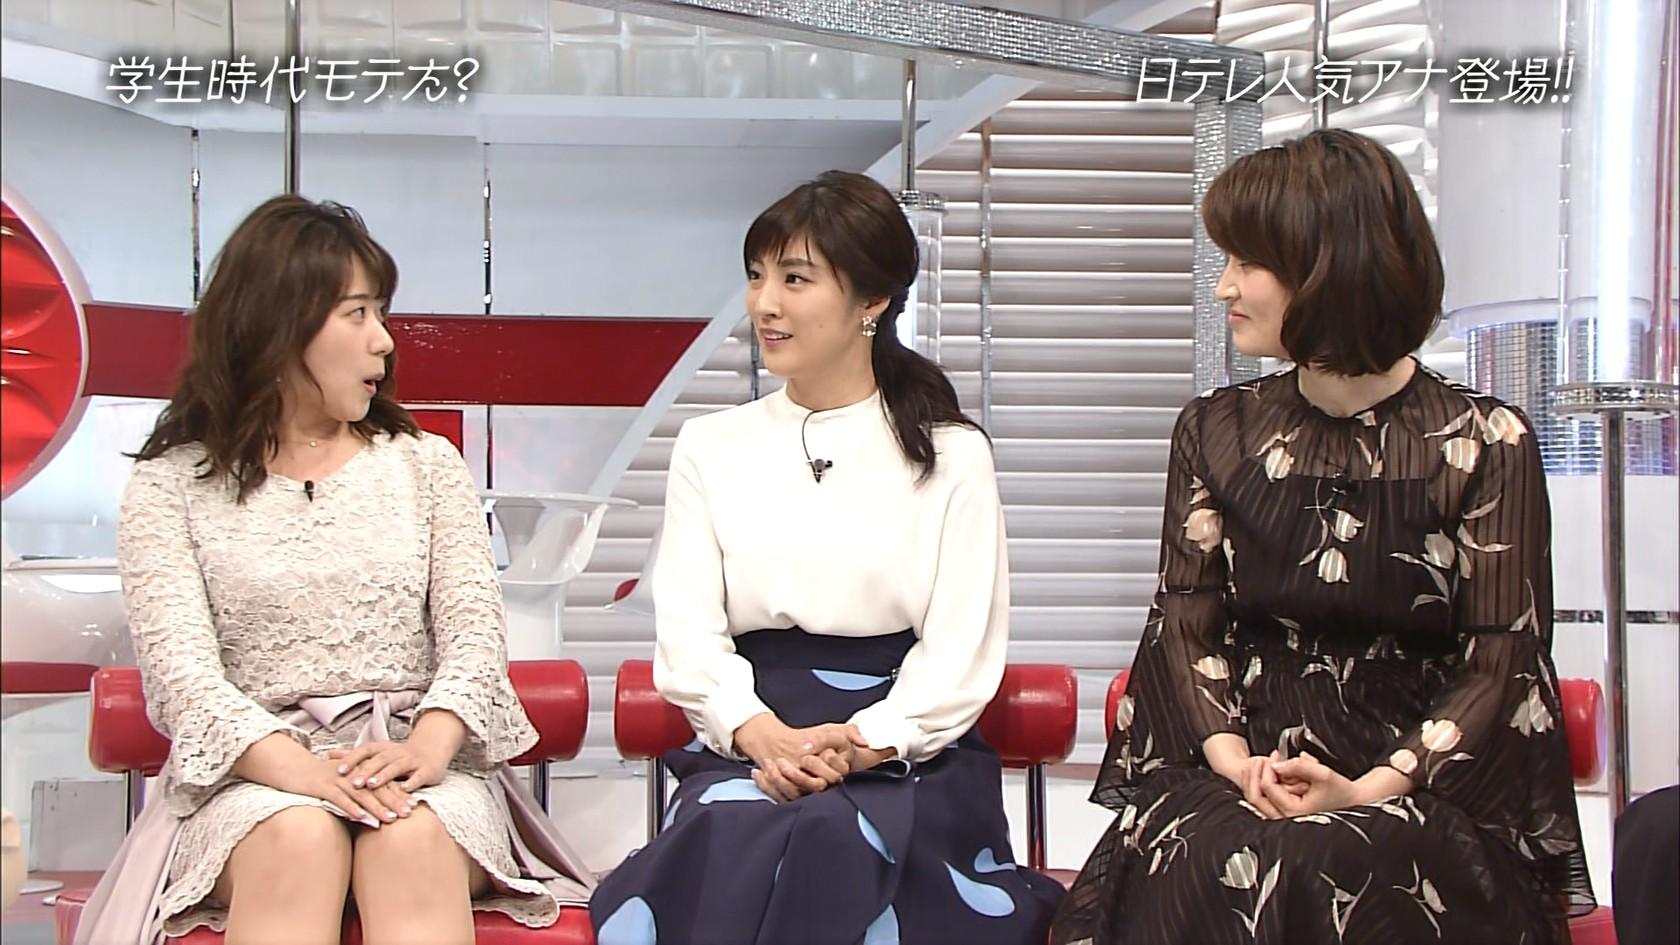 「おしゃれイズム 日テレ人気女子アナSP」の▼ゾーン!